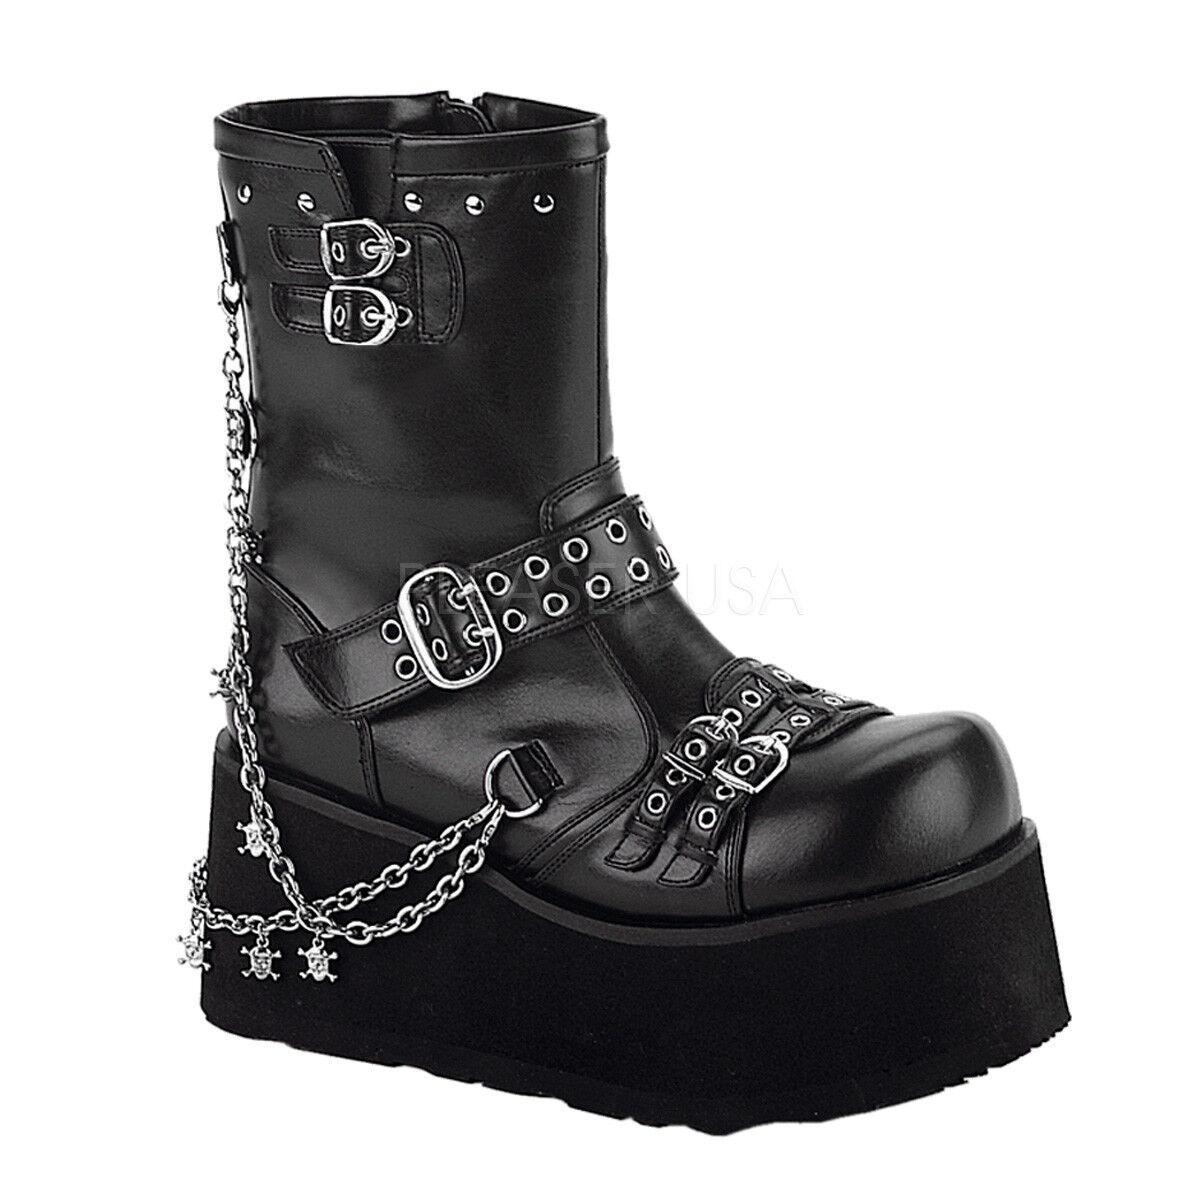 Demonia Gótico Punk Rock choque - 430 430 430 cadenas Desmontable Mitad de Pantorrilla botas De Plataforma  precioso